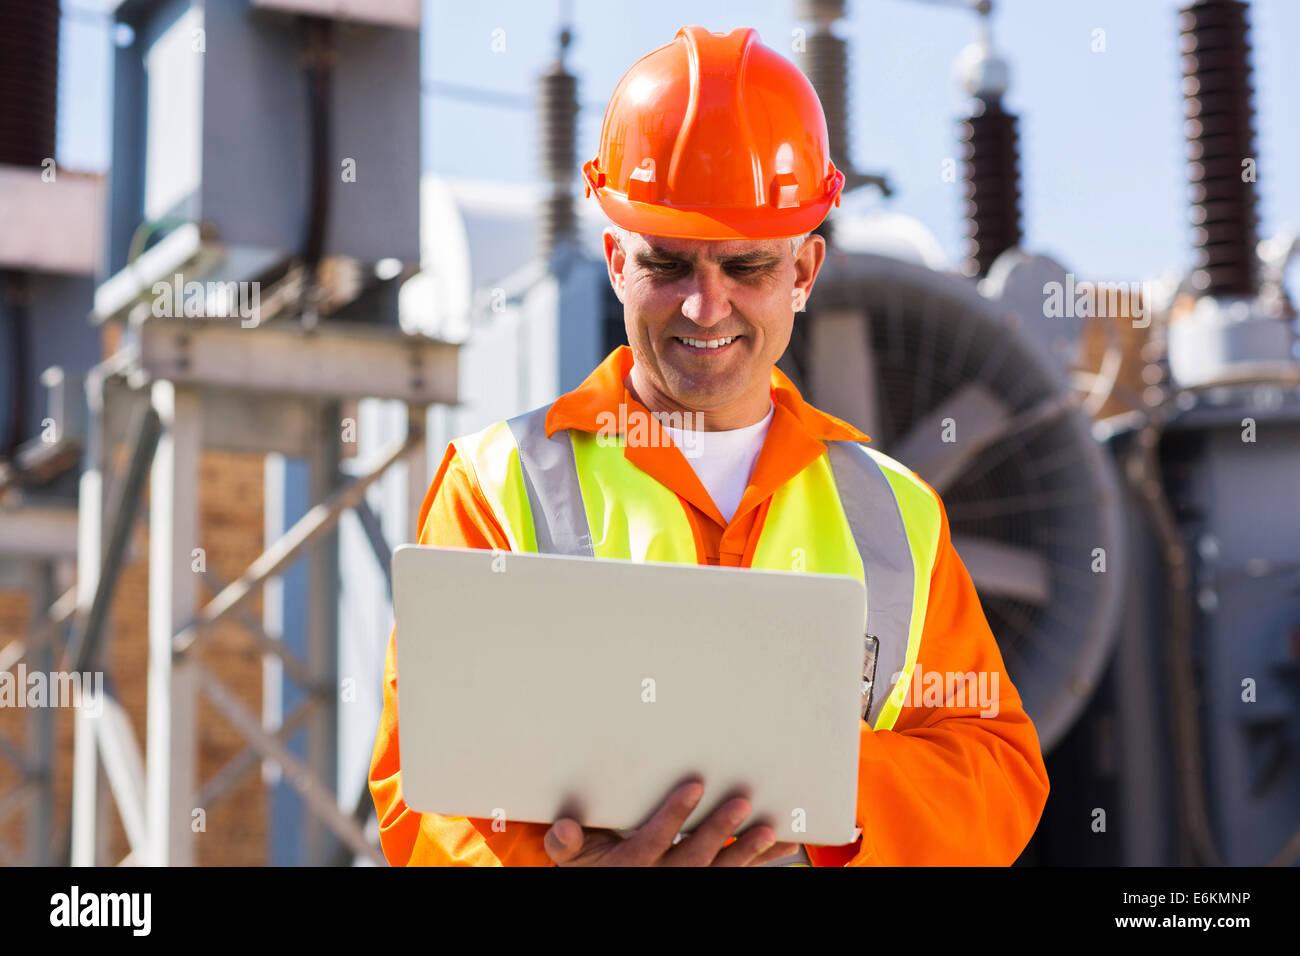 L'âge moyen à l'aide de l'ingénieur ordinateur portable de centrale électrique Photo Stock